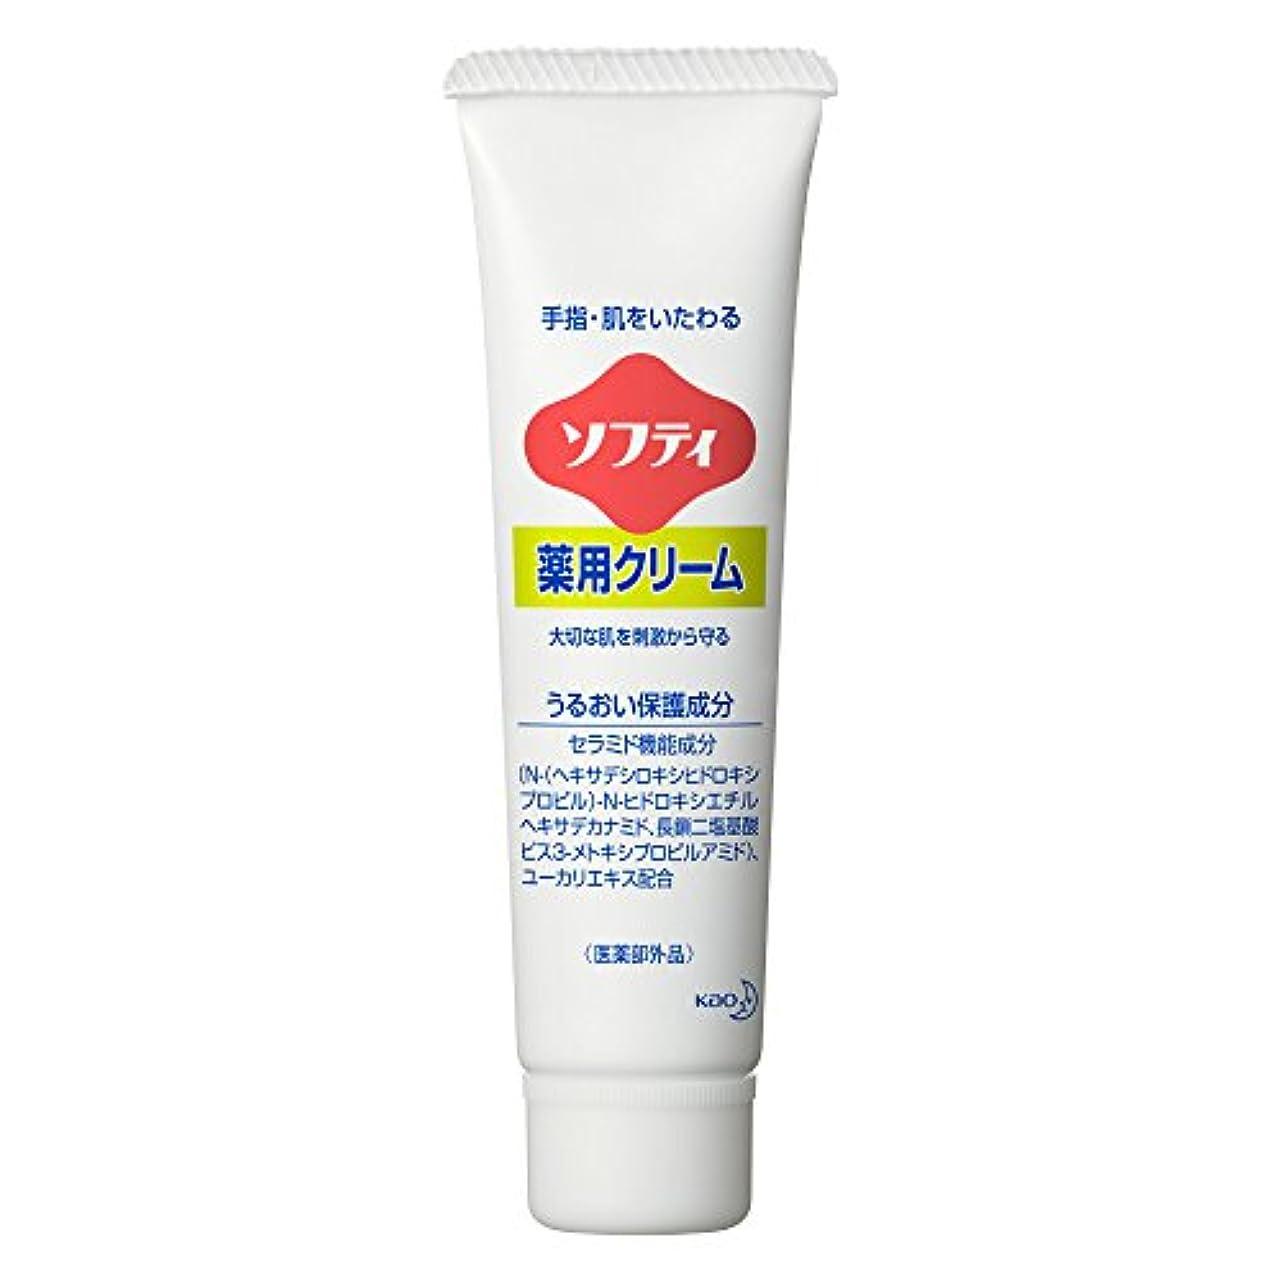 気分が良いサイバースペース救急車ソフティ 薬用クリーム 35g (花王プロフェッショナルシリーズ)